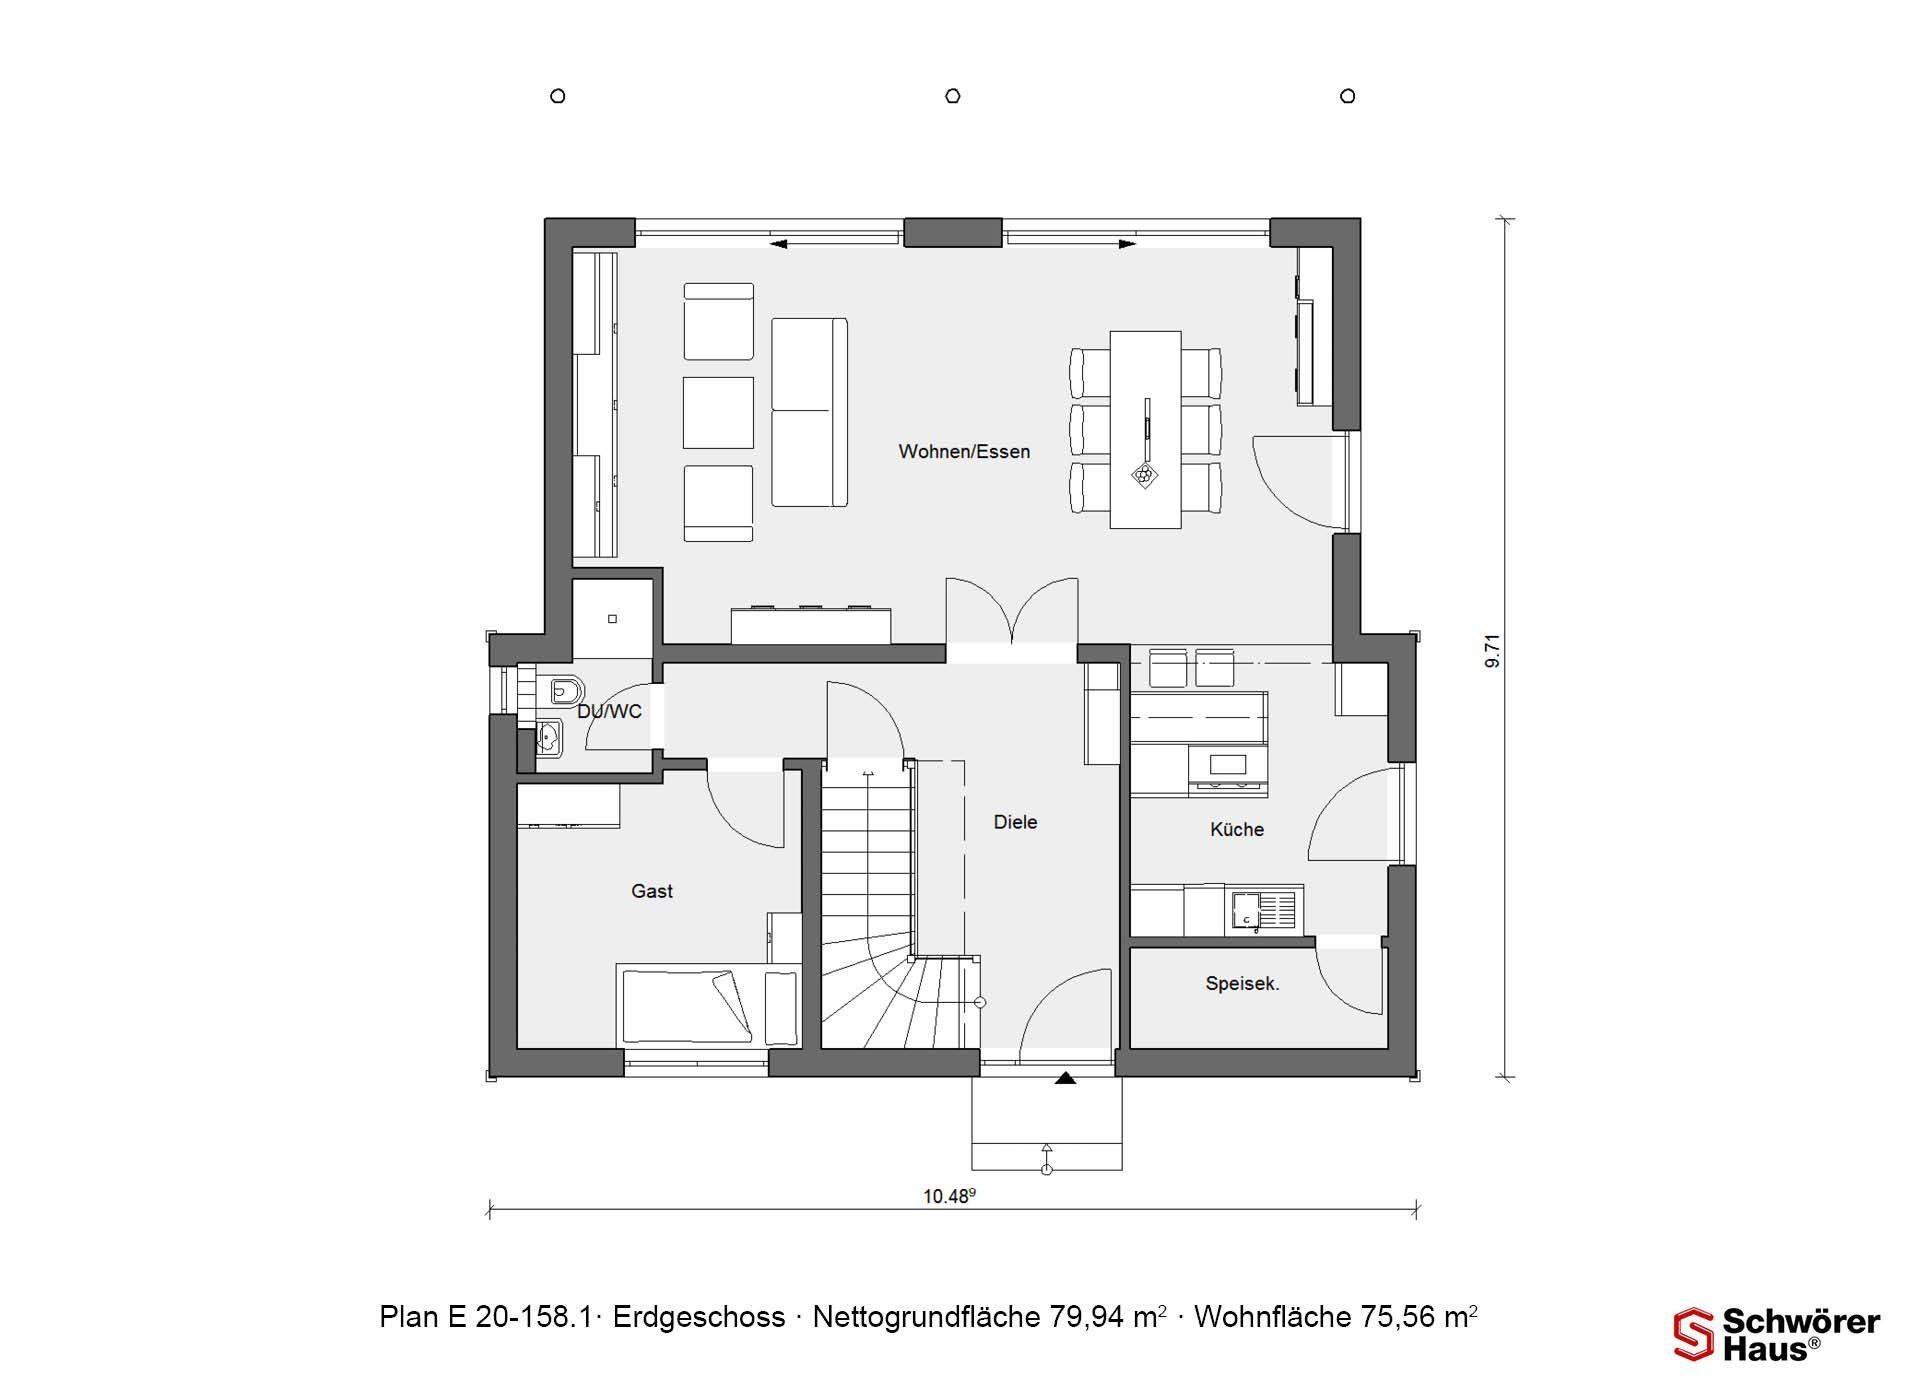 Plan E 15-156.1 - Eine Nahaufnahme von einem Logo - Gebäudeplan